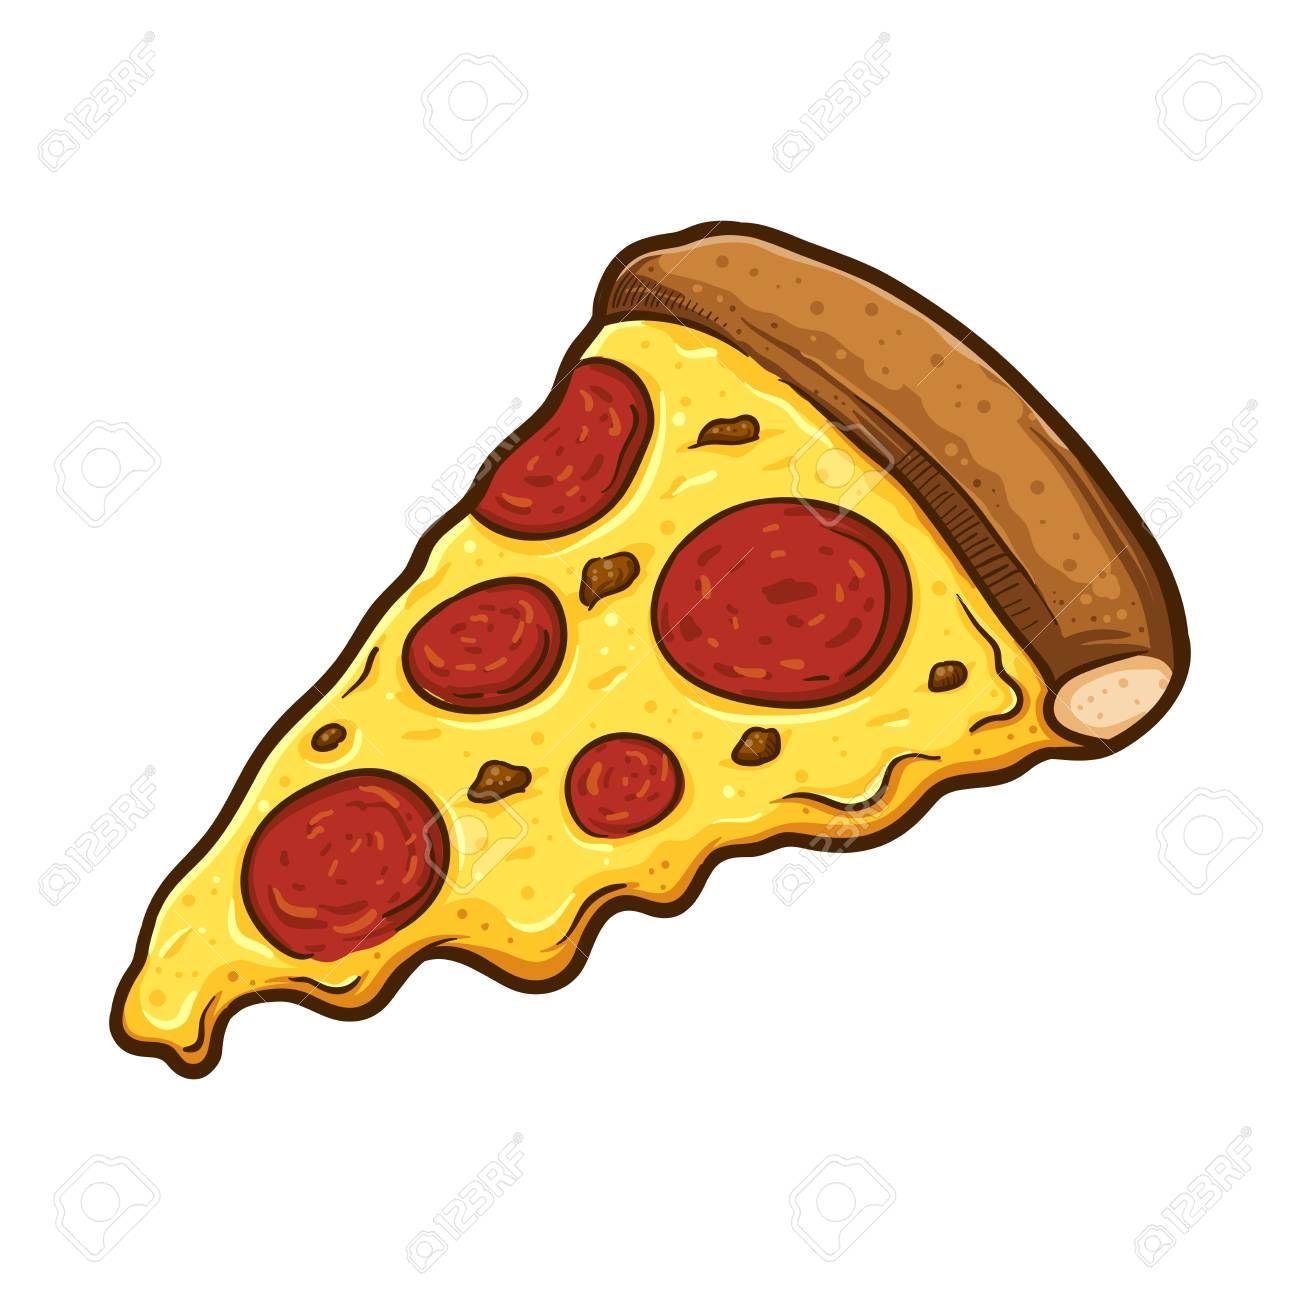 Ilustracion De Vector De Deliciosa Rebanada De Pizza De Pepperoni Con Queso Derretido Dibujado A Mano Tatuaje De Pizza Fondo De Pizza Dibujo De Pizza